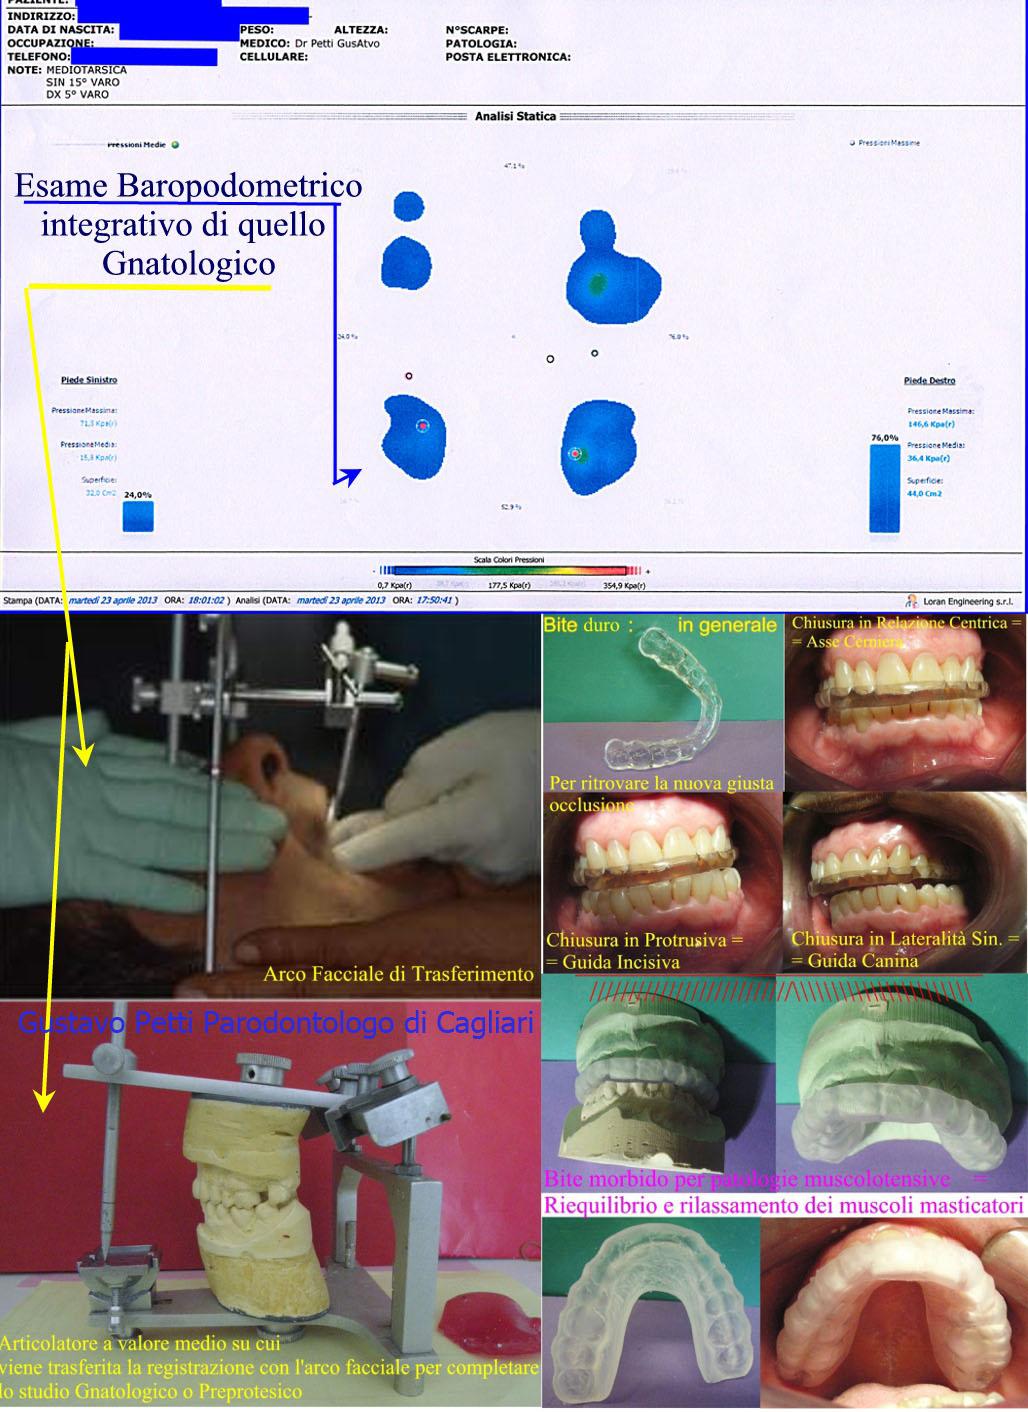 gnatologia-dr-g.petti-cagliari-192.jpg